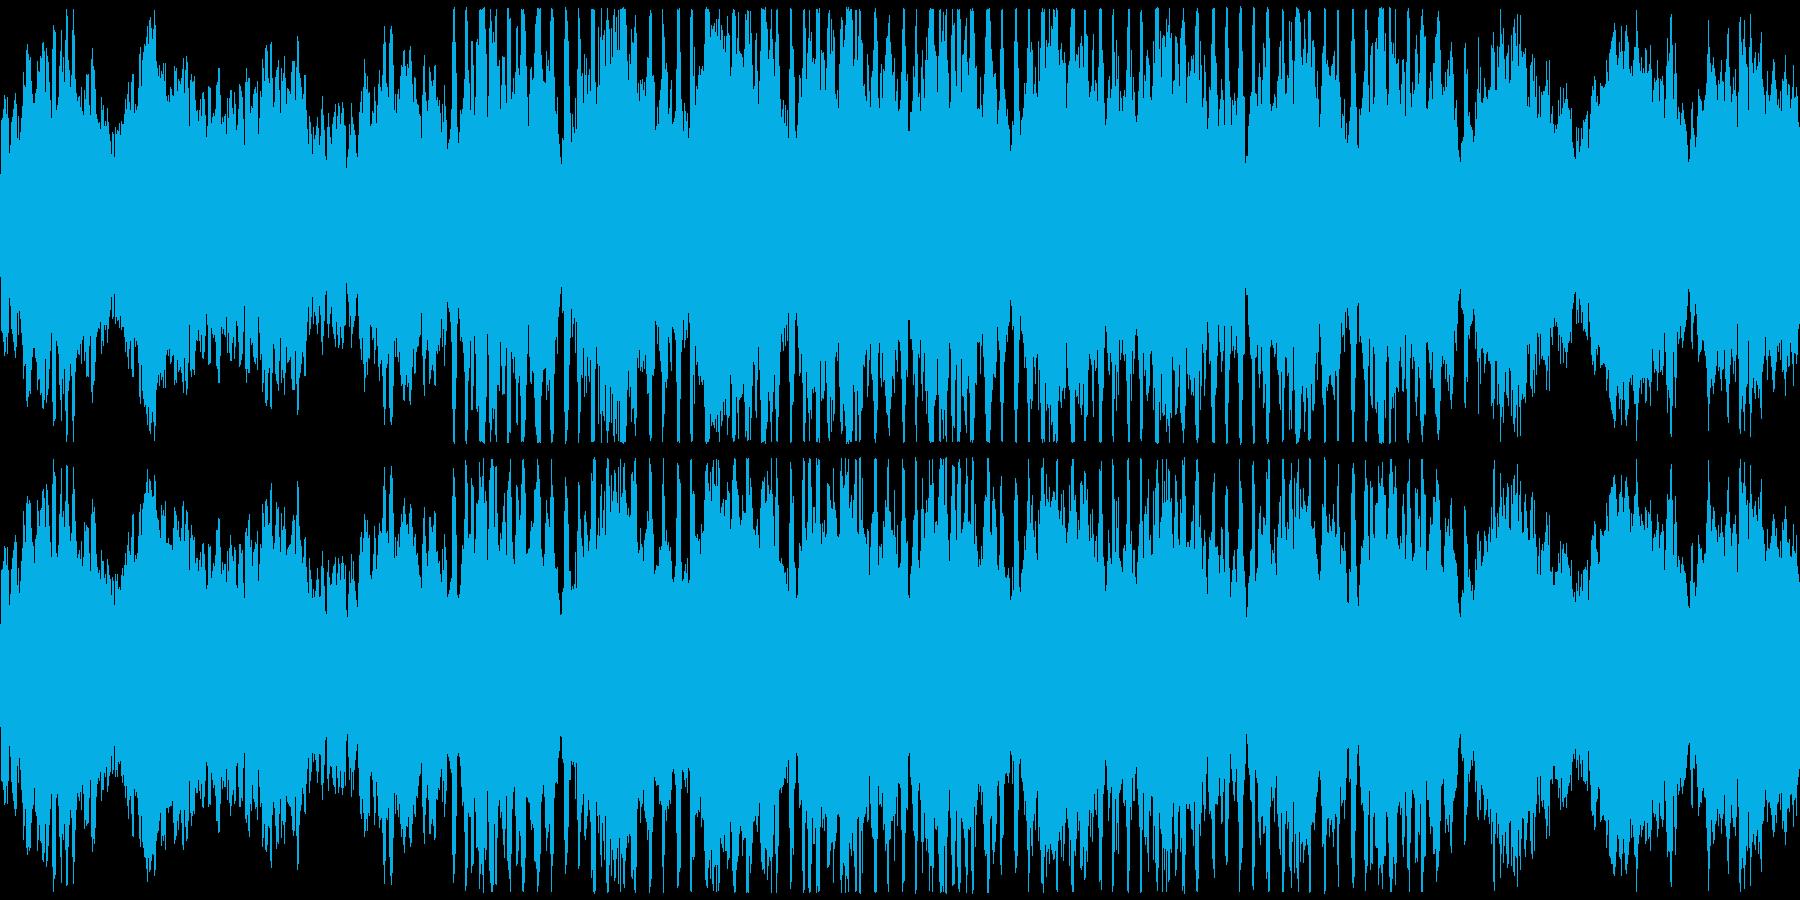 【ヴィオラ/ストリングス/厳か】の再生済みの波形